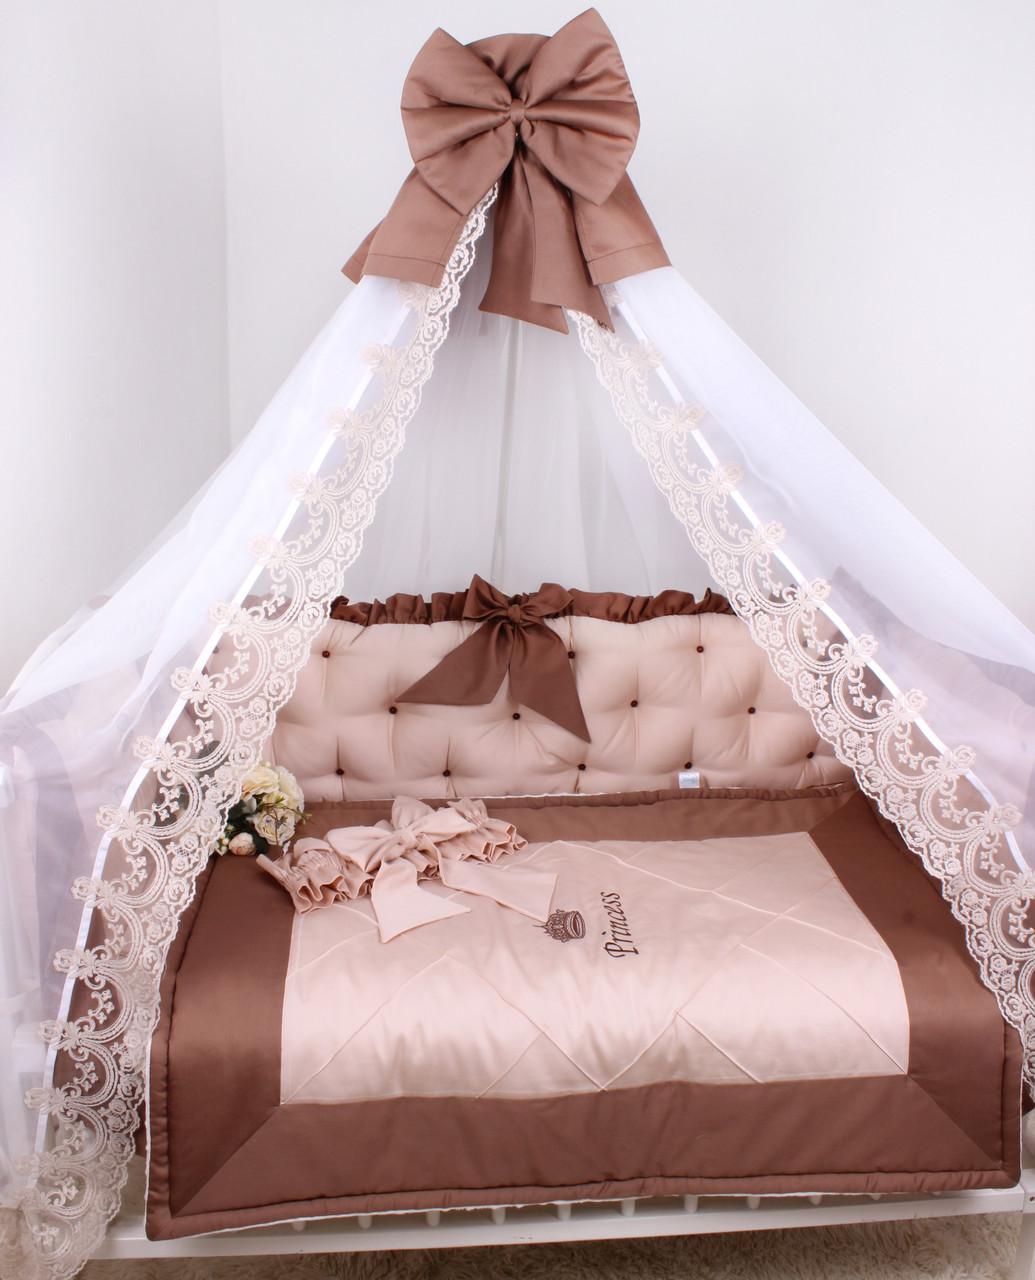 Комплекта в детскую кроватку для Принцессы